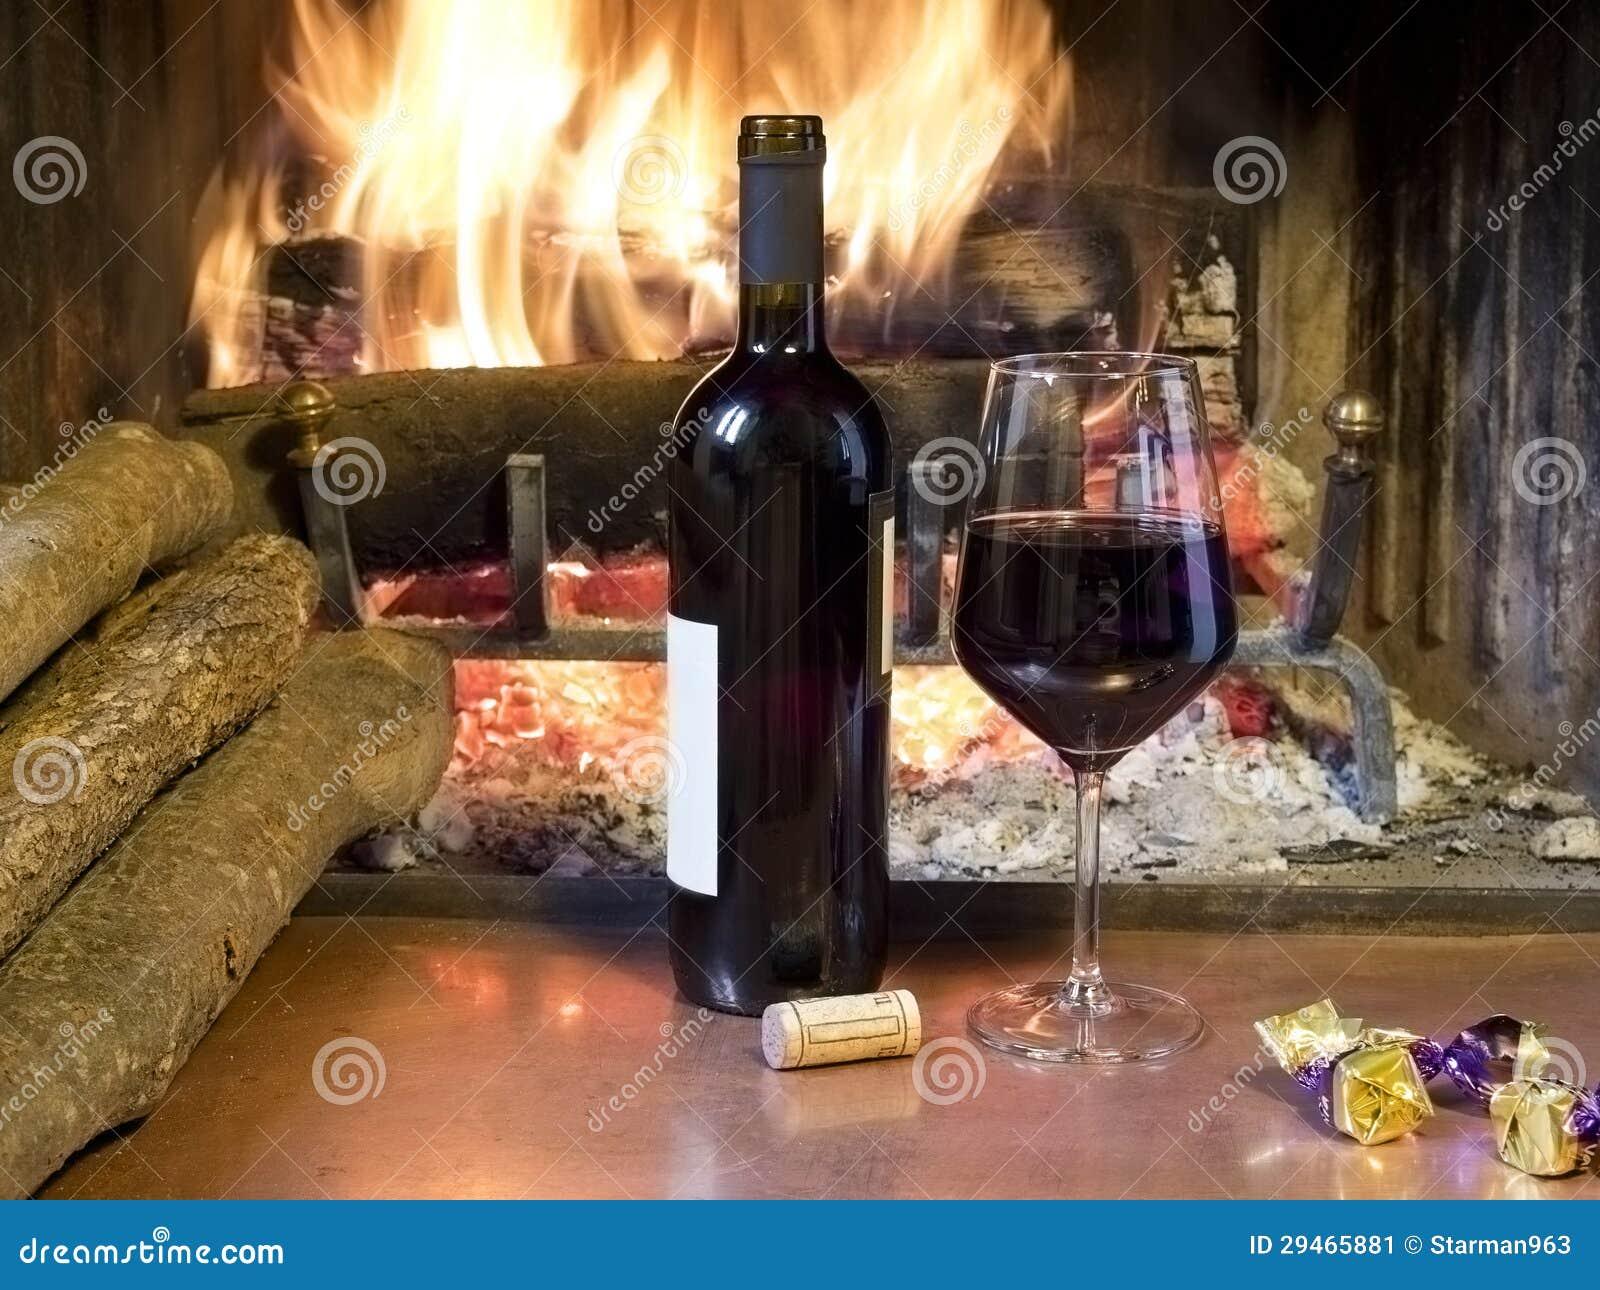 ein glas wein vor einem kamin stockbild bild von getr nk. Black Bedroom Furniture Sets. Home Design Ideas